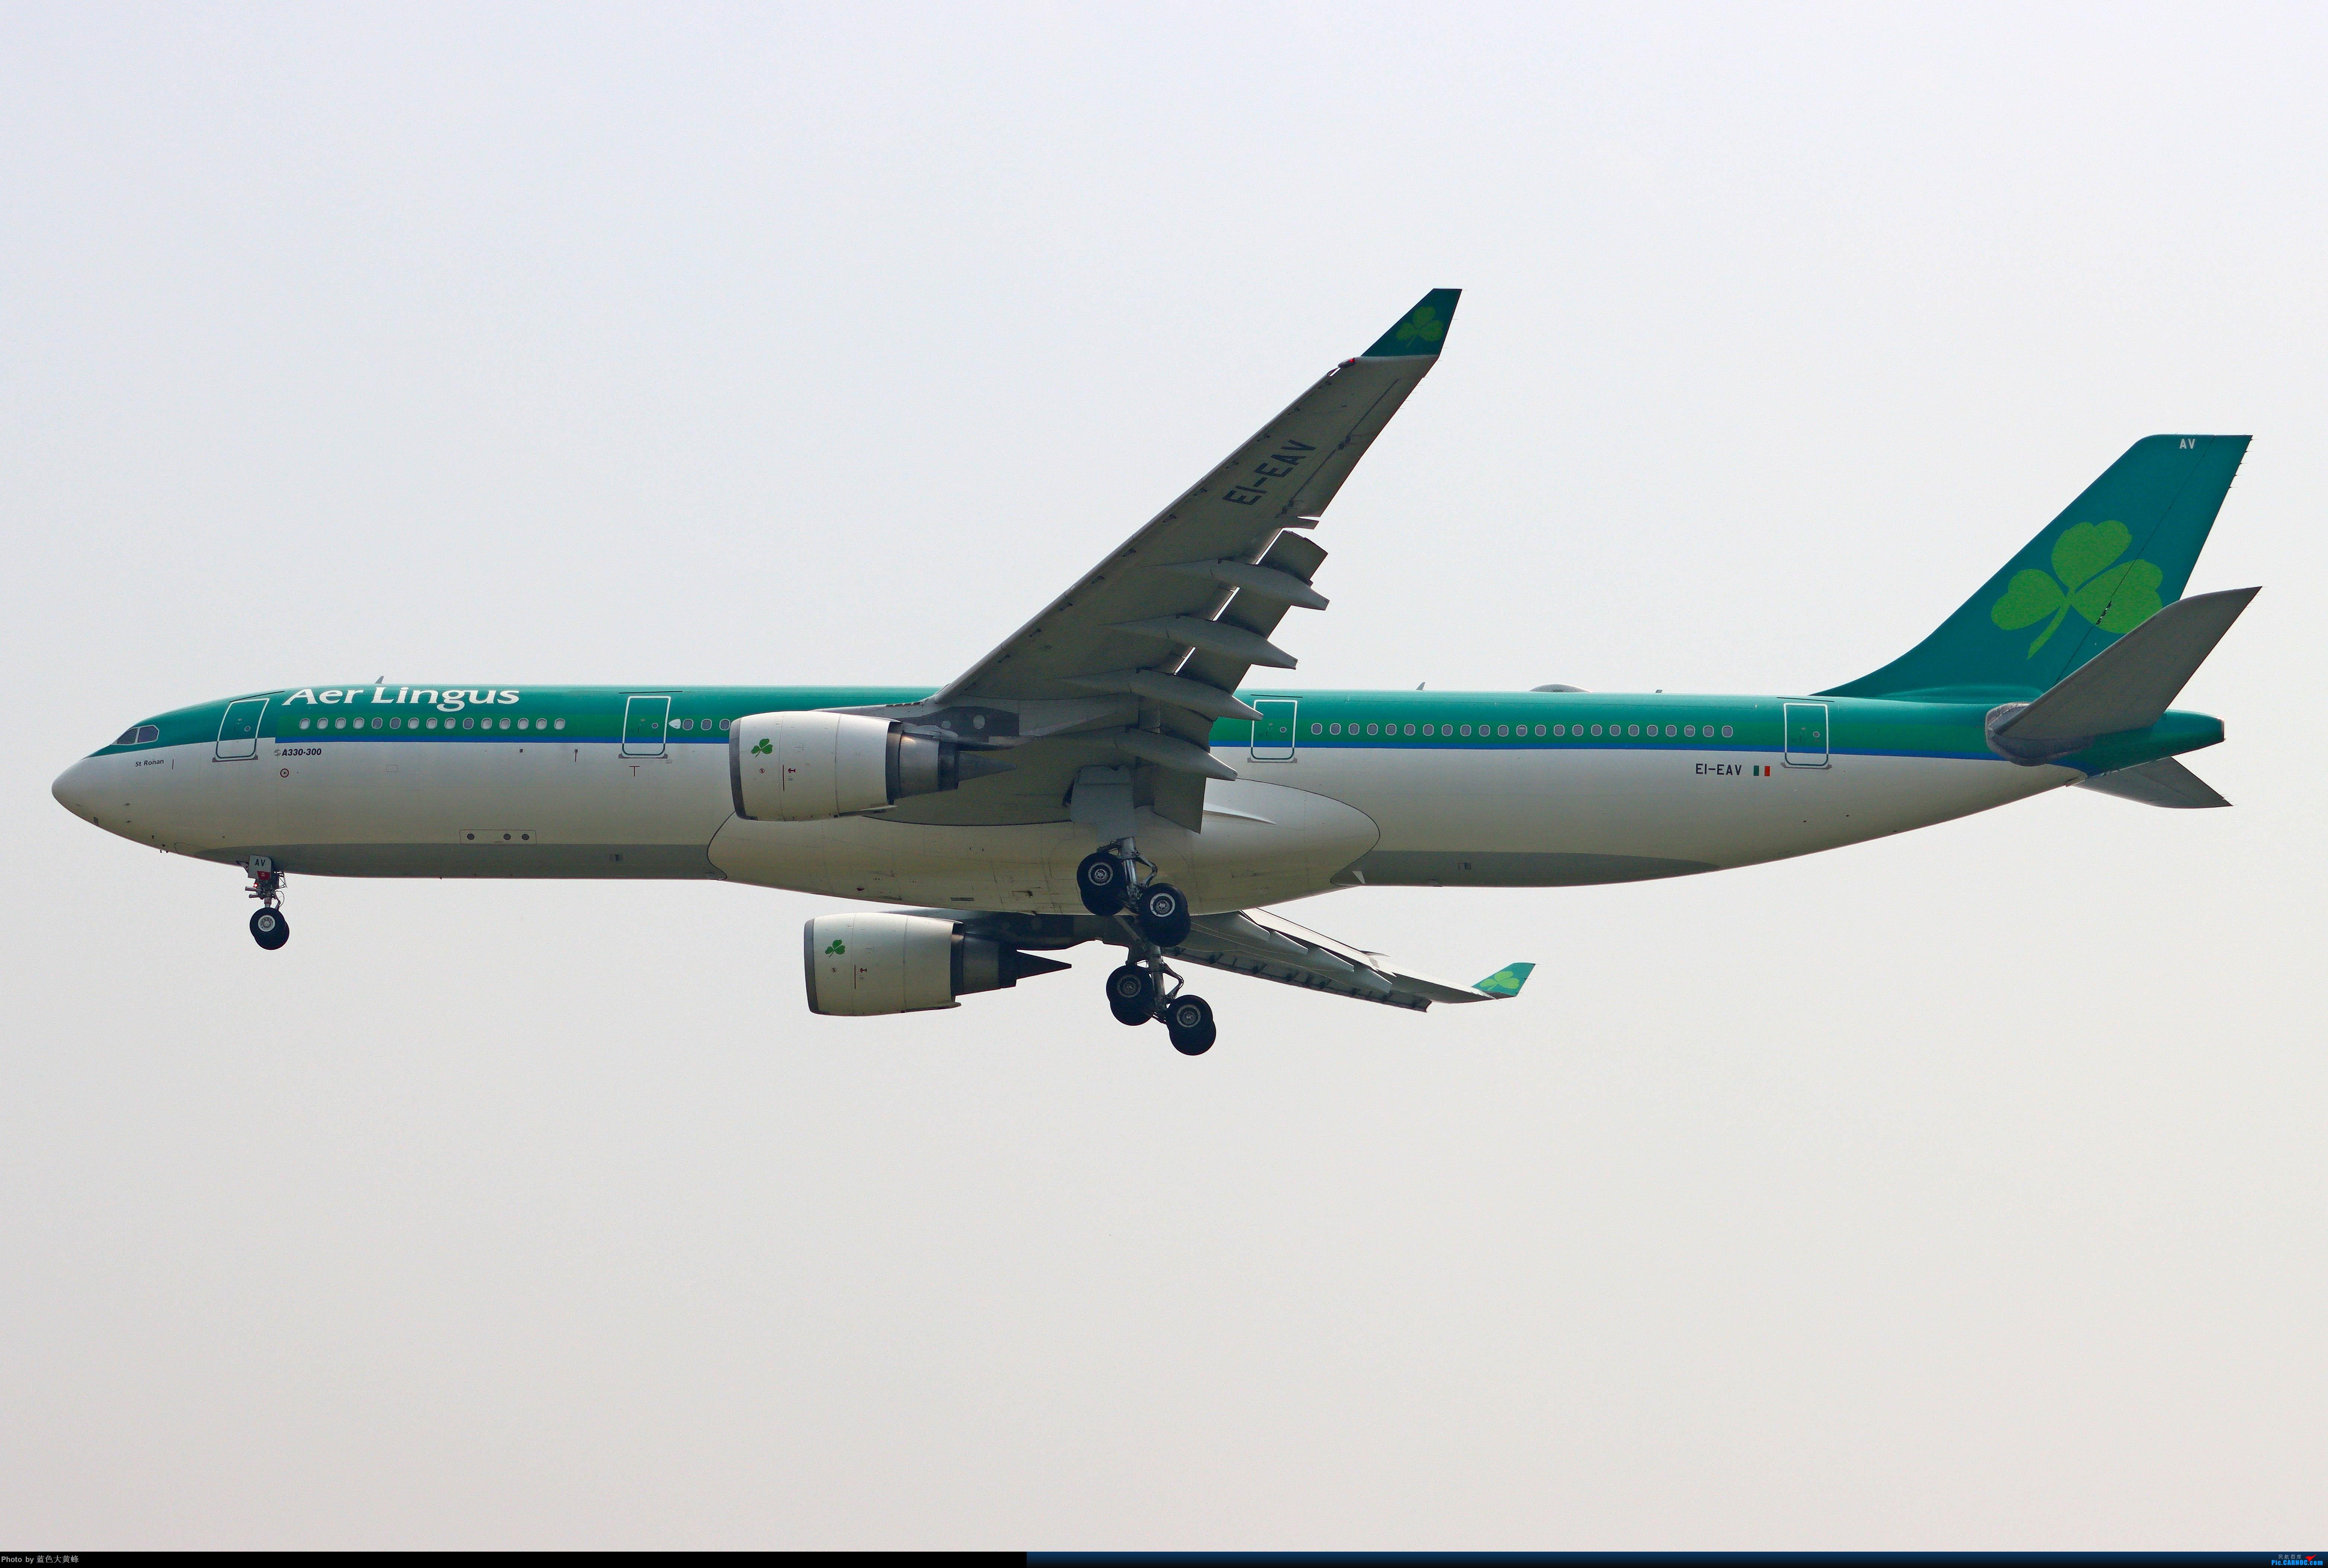 Re:[原创]2020.5.30PEK拍机,偶遇联邦的MD11给18R降落,实属罕见 AIRBUS A330-300 EI-EAV 中国北京首都国际机场